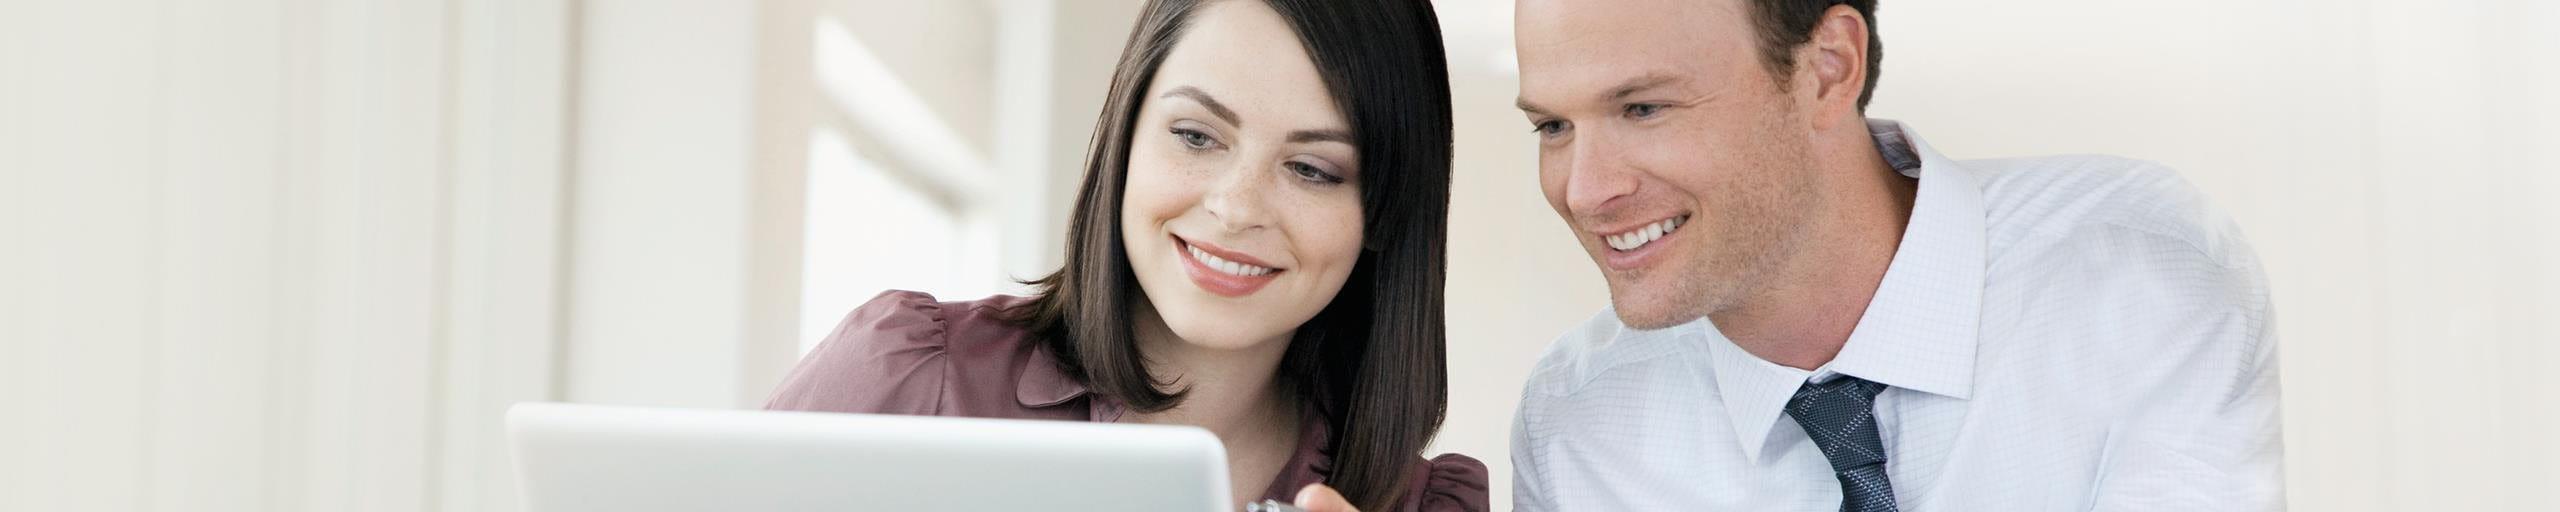 Deux personnes regardent l'écran d'un ordinateur.